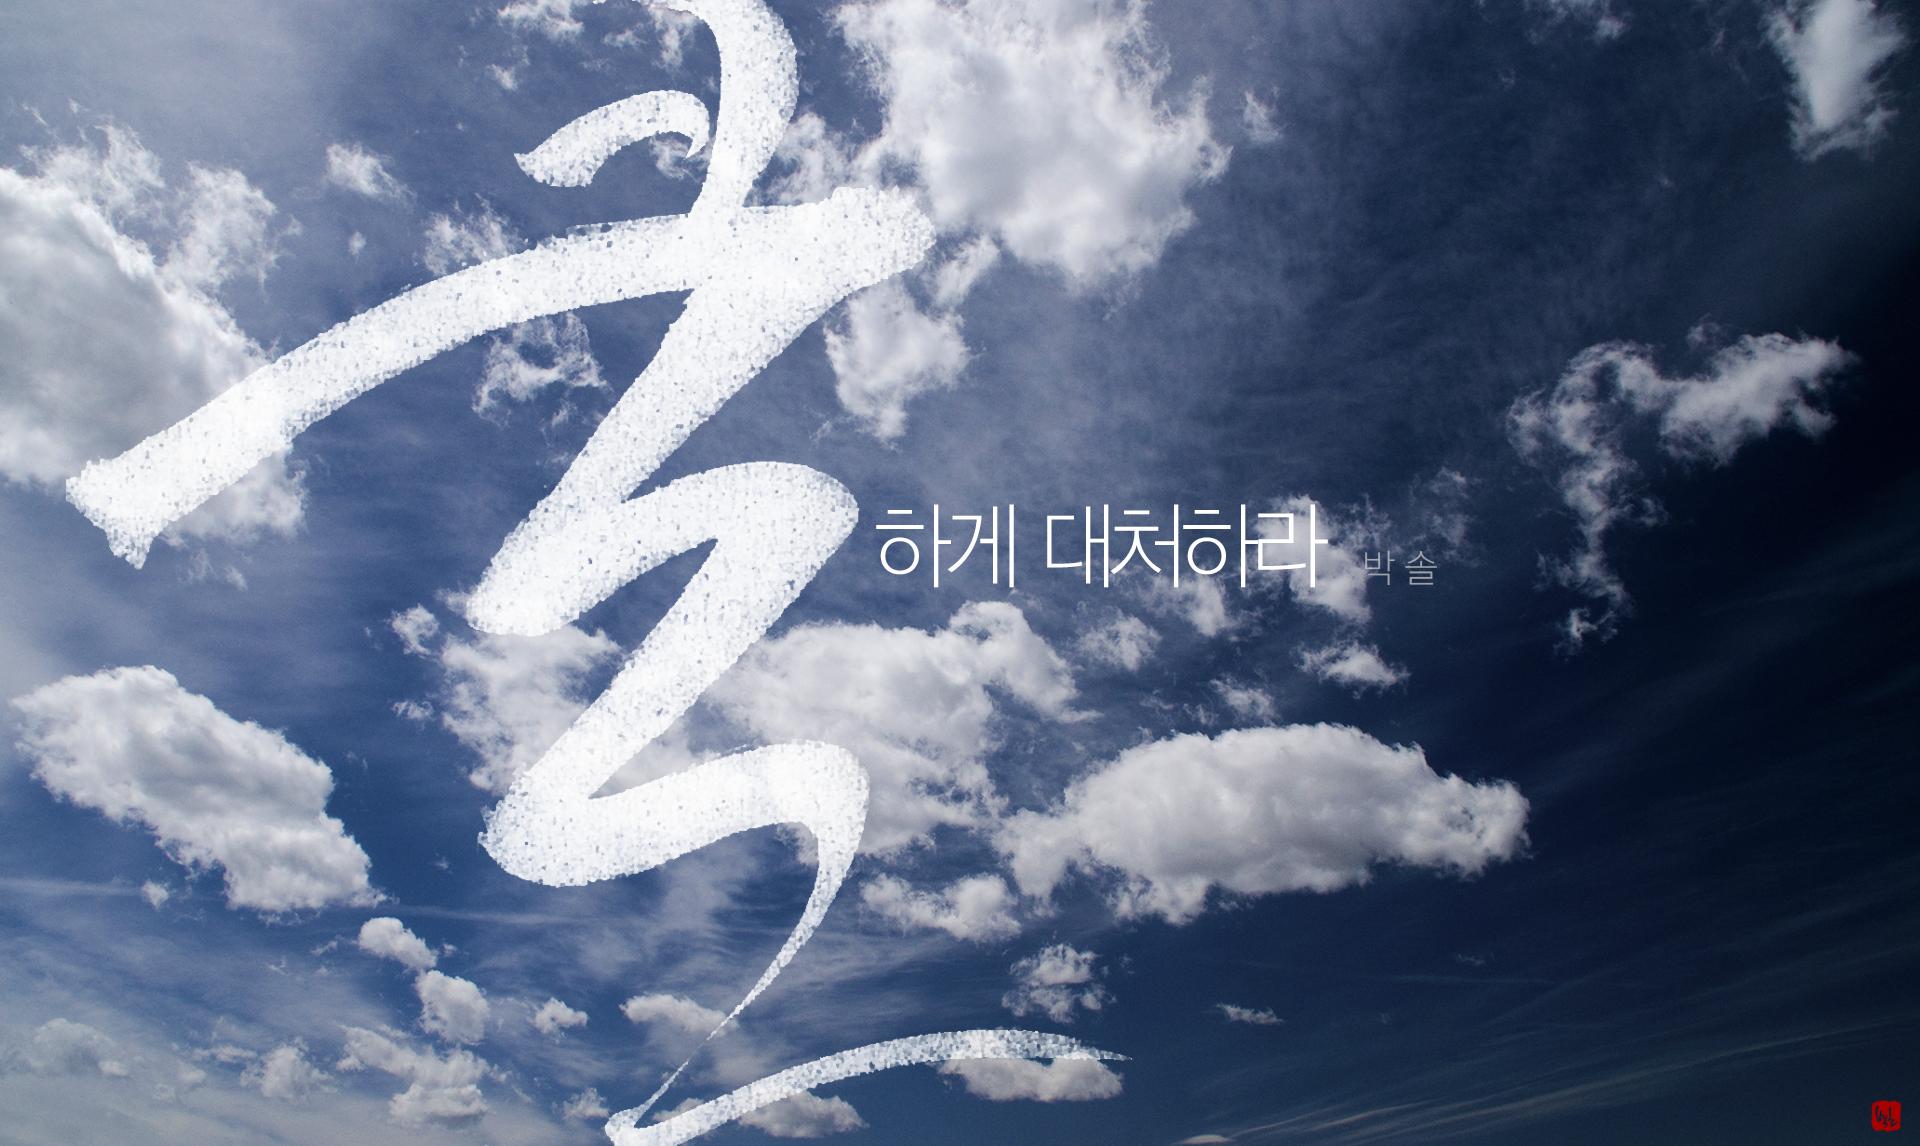 11 박솔_2.png